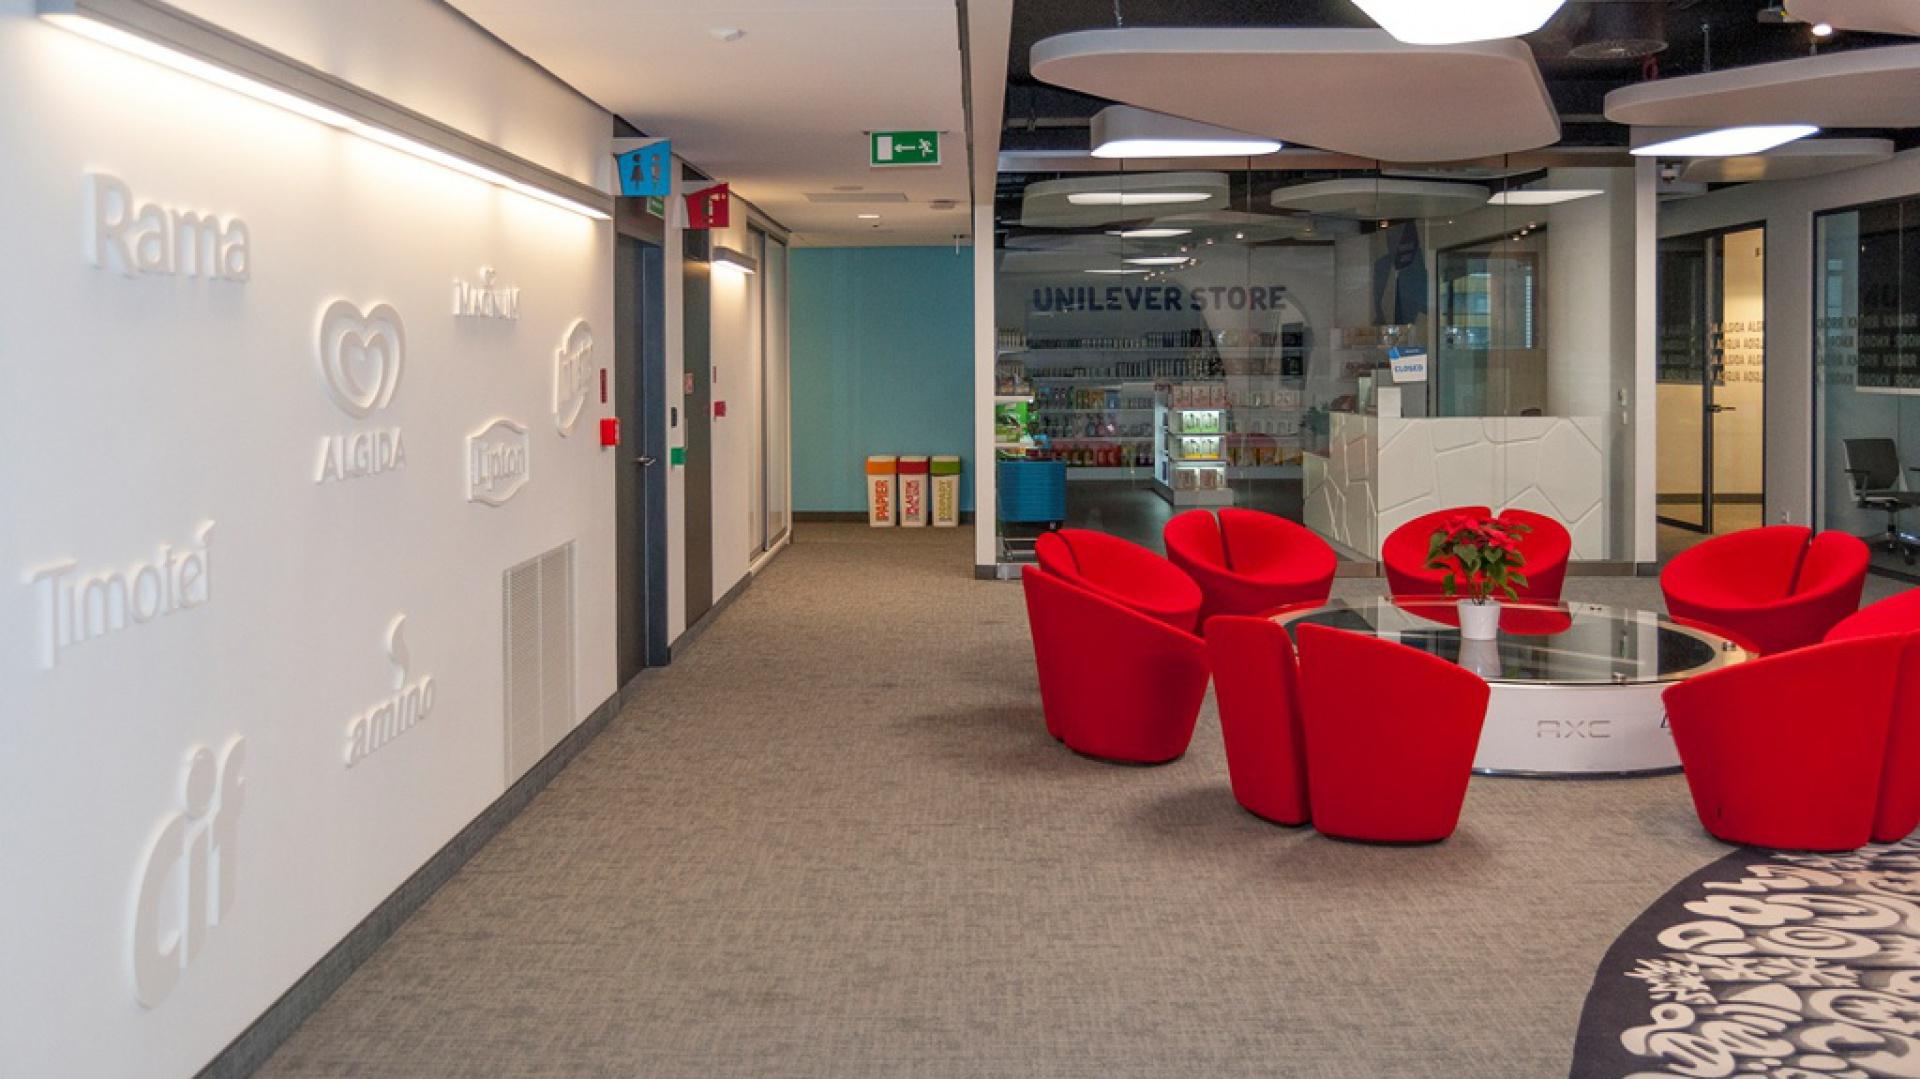 W biurze zaprojektowano m.in. wygodne strefy relaksu. Fot. Grupa Advertis